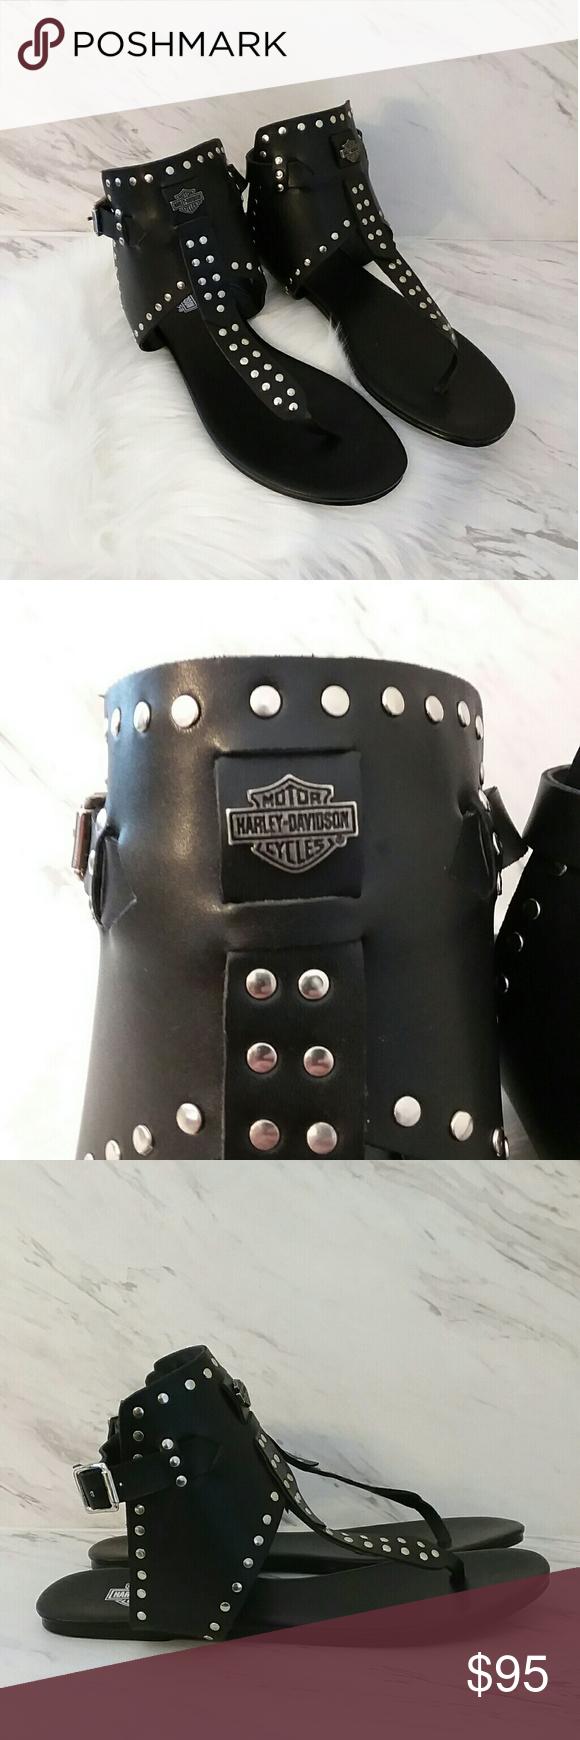 8737468f909bd3 NWOT Harley-Davidson Studded Gladiator Sandals Harley-Davidson Women s Ames  Gladiator Black Sandals D84128 Size 11 Harley-Davidson Shoes Sandals